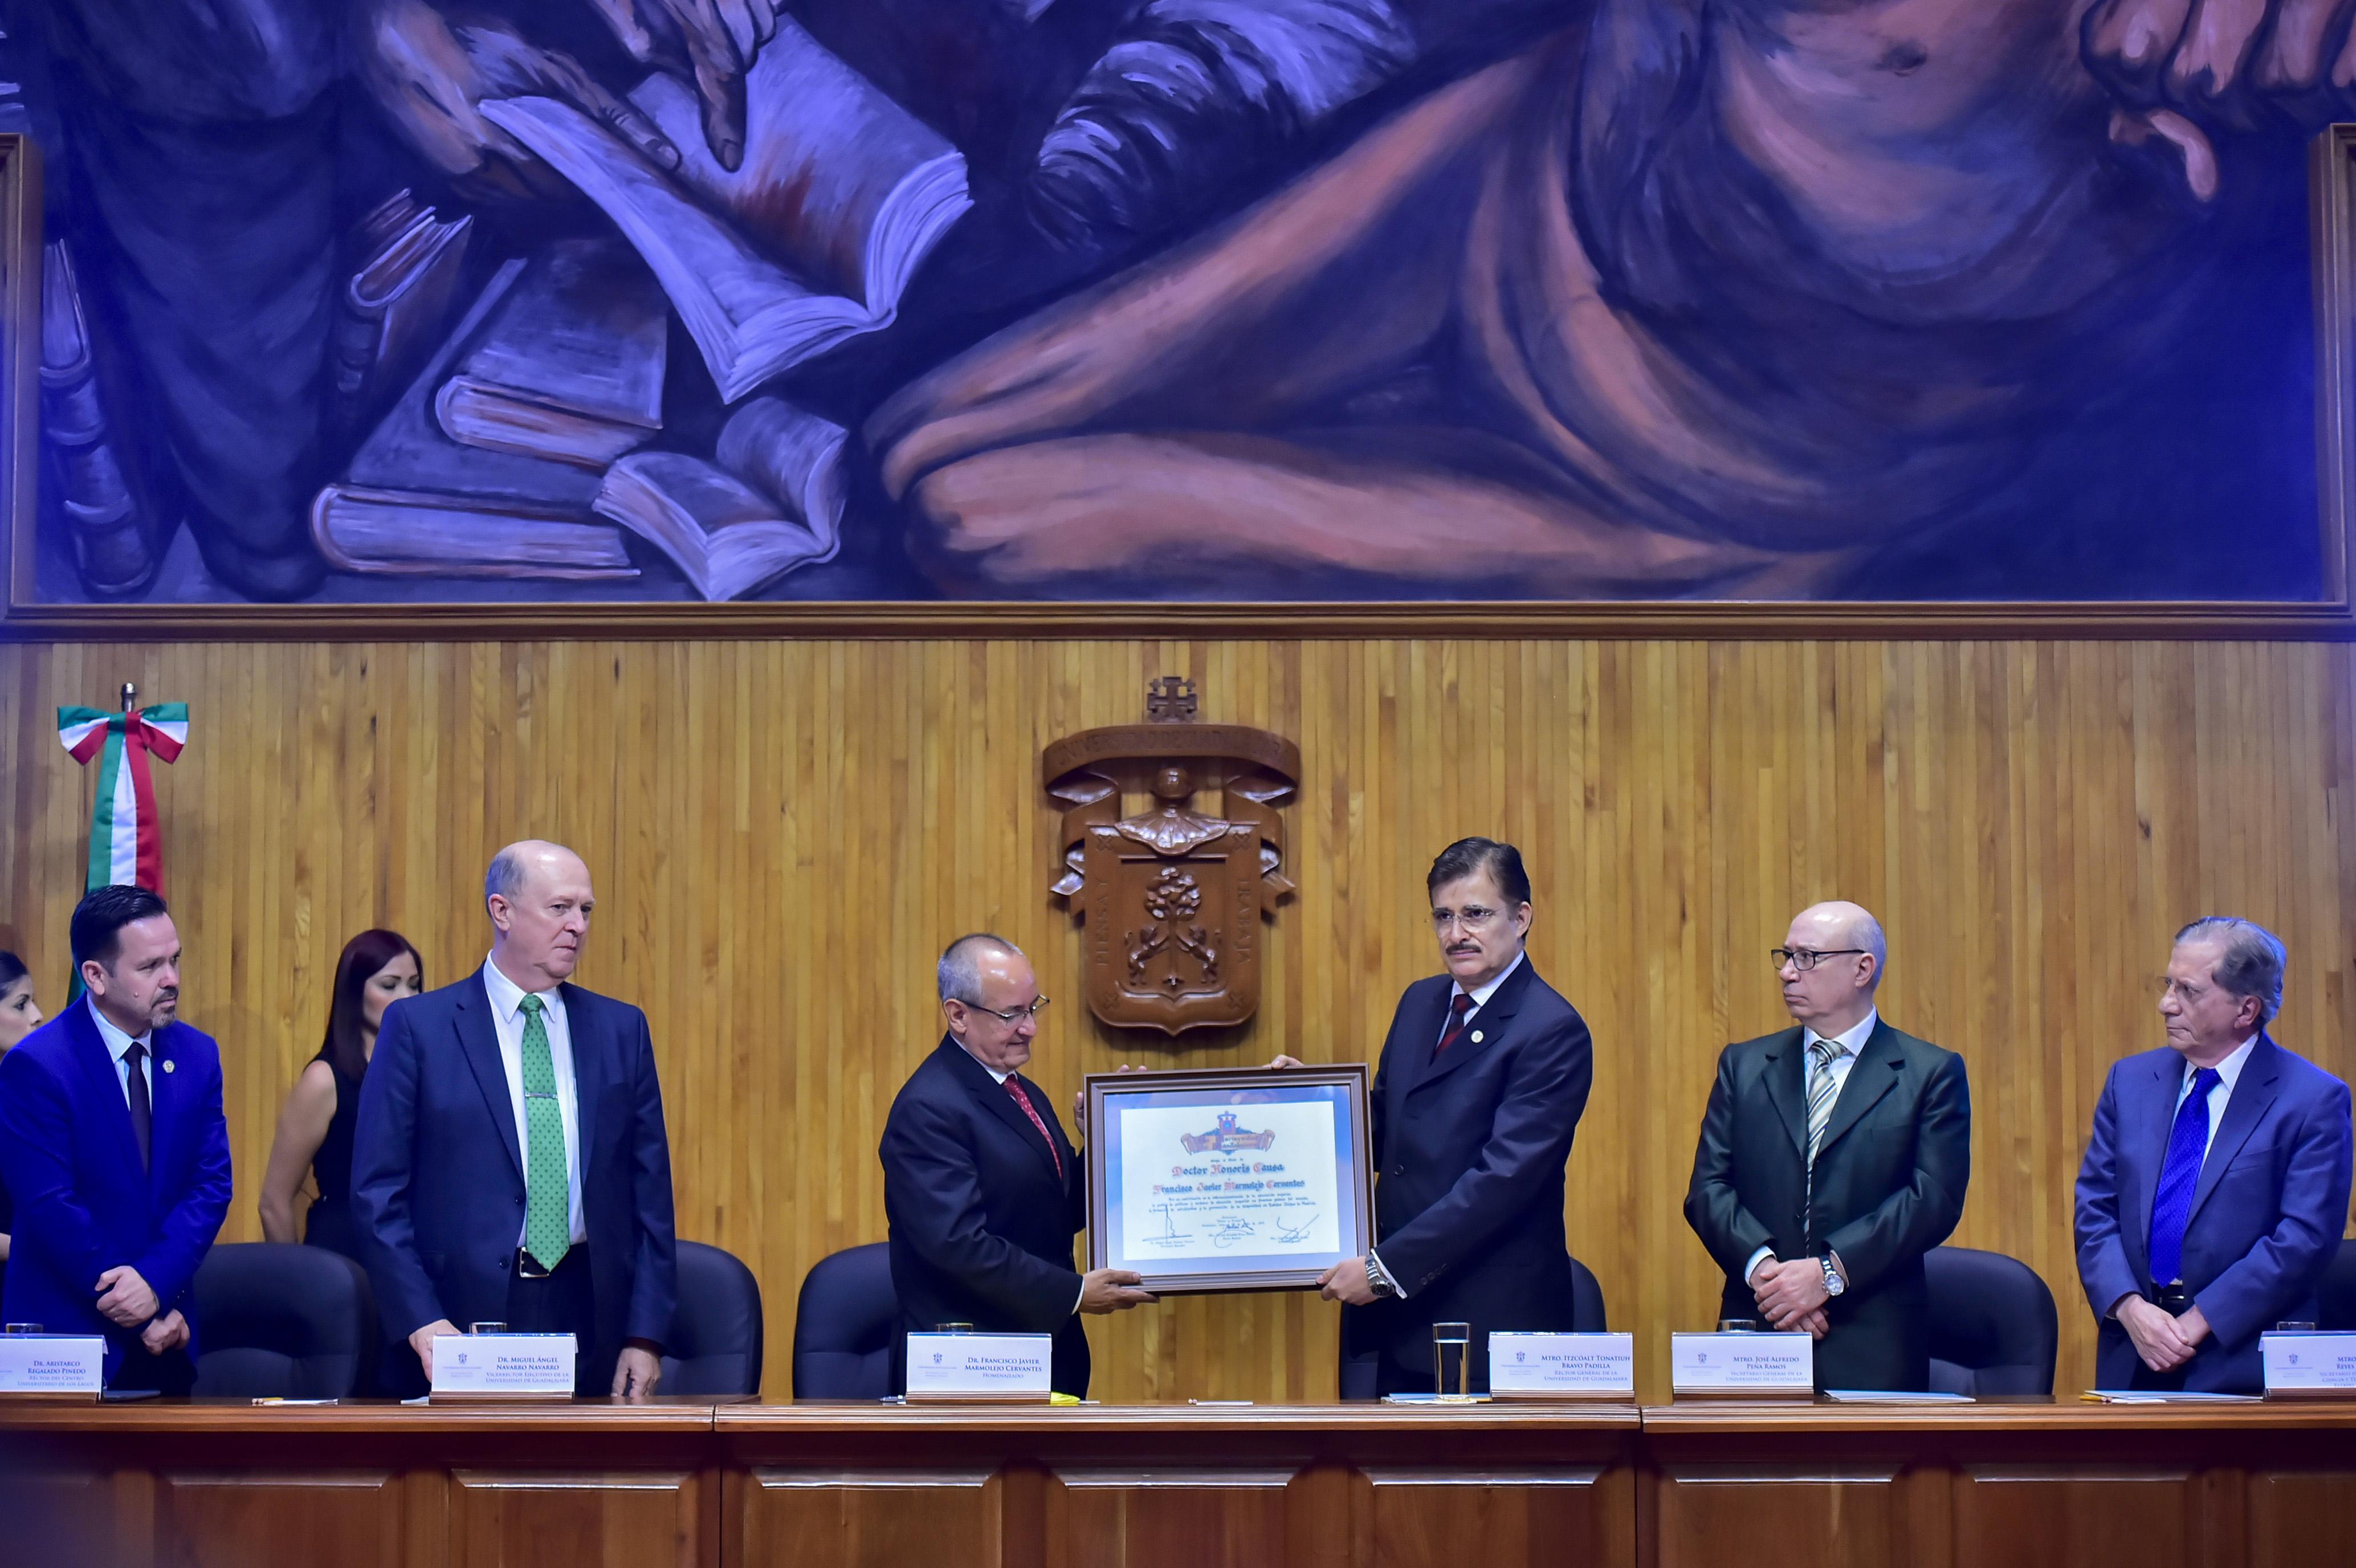 Rector General de la UdeG, maestro Itzcóatl Tonatiuh Bravo Padilla entregando reconocimiento